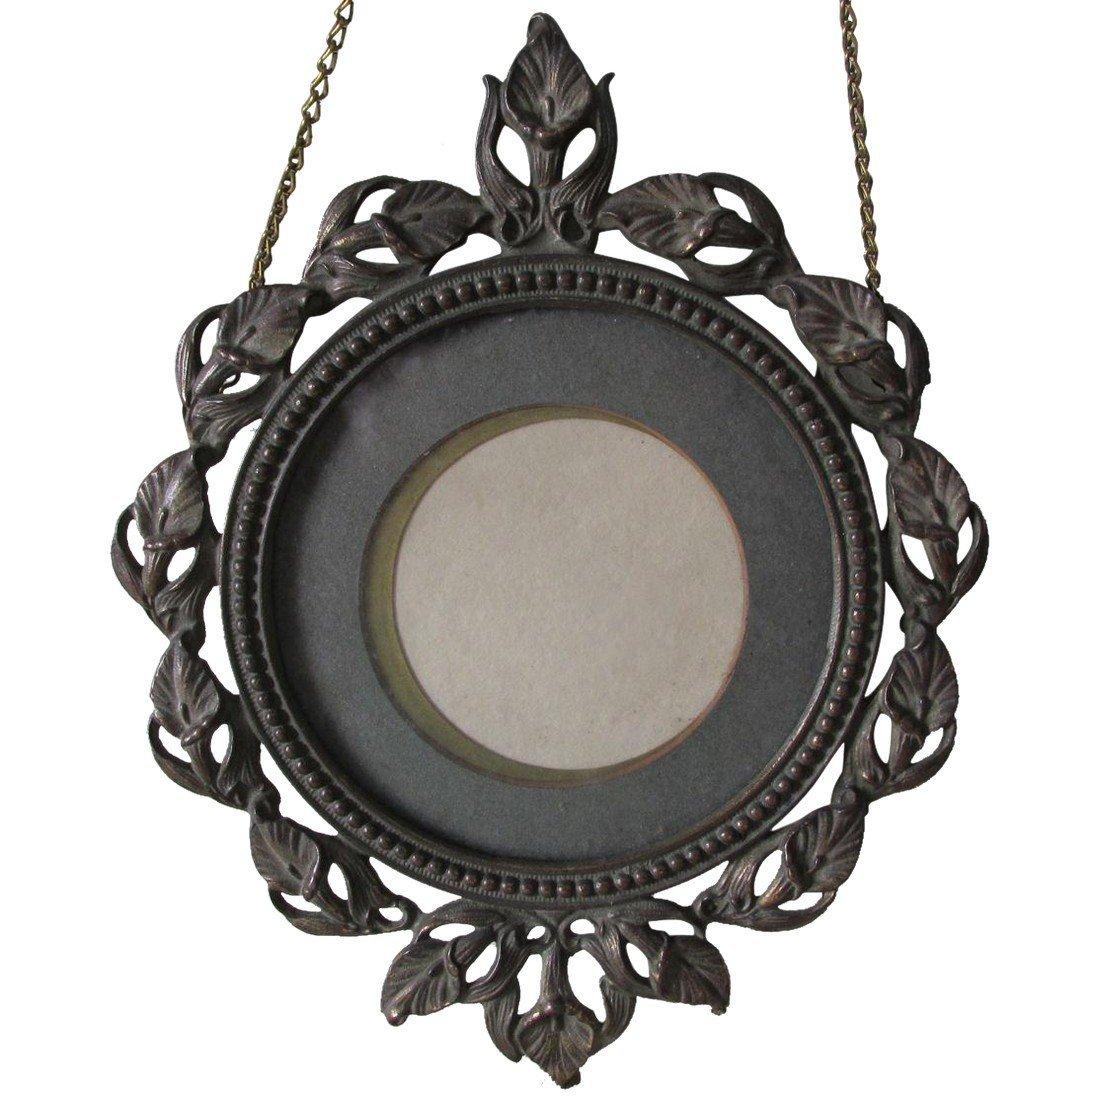 Antique Art Nouveau Hanging Picture Frame